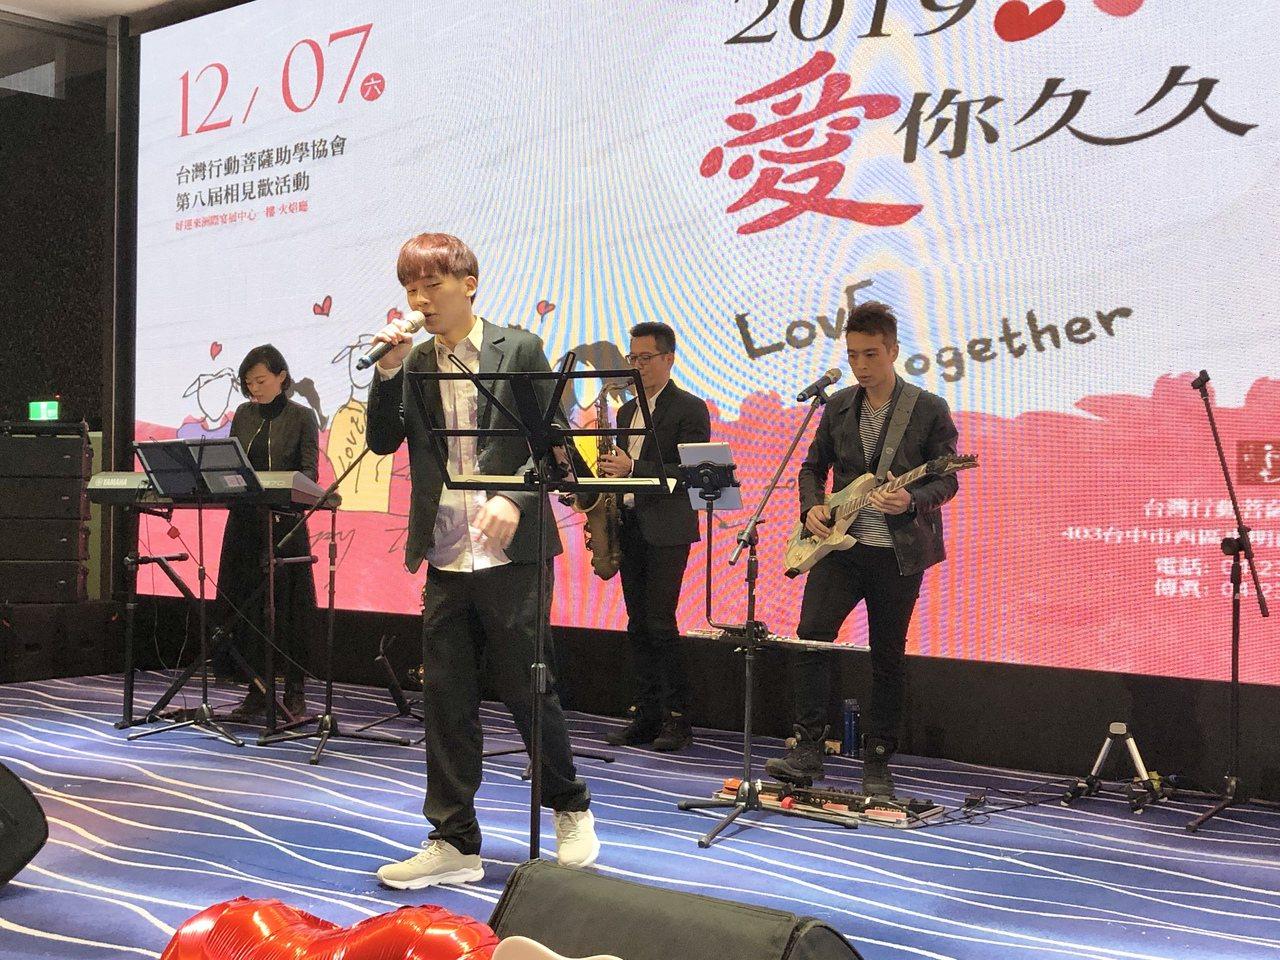 由企業家組成的S.L Band樂團,為孩子們演奏出熱力活潑的歌曲,將現場氣氛Hi...